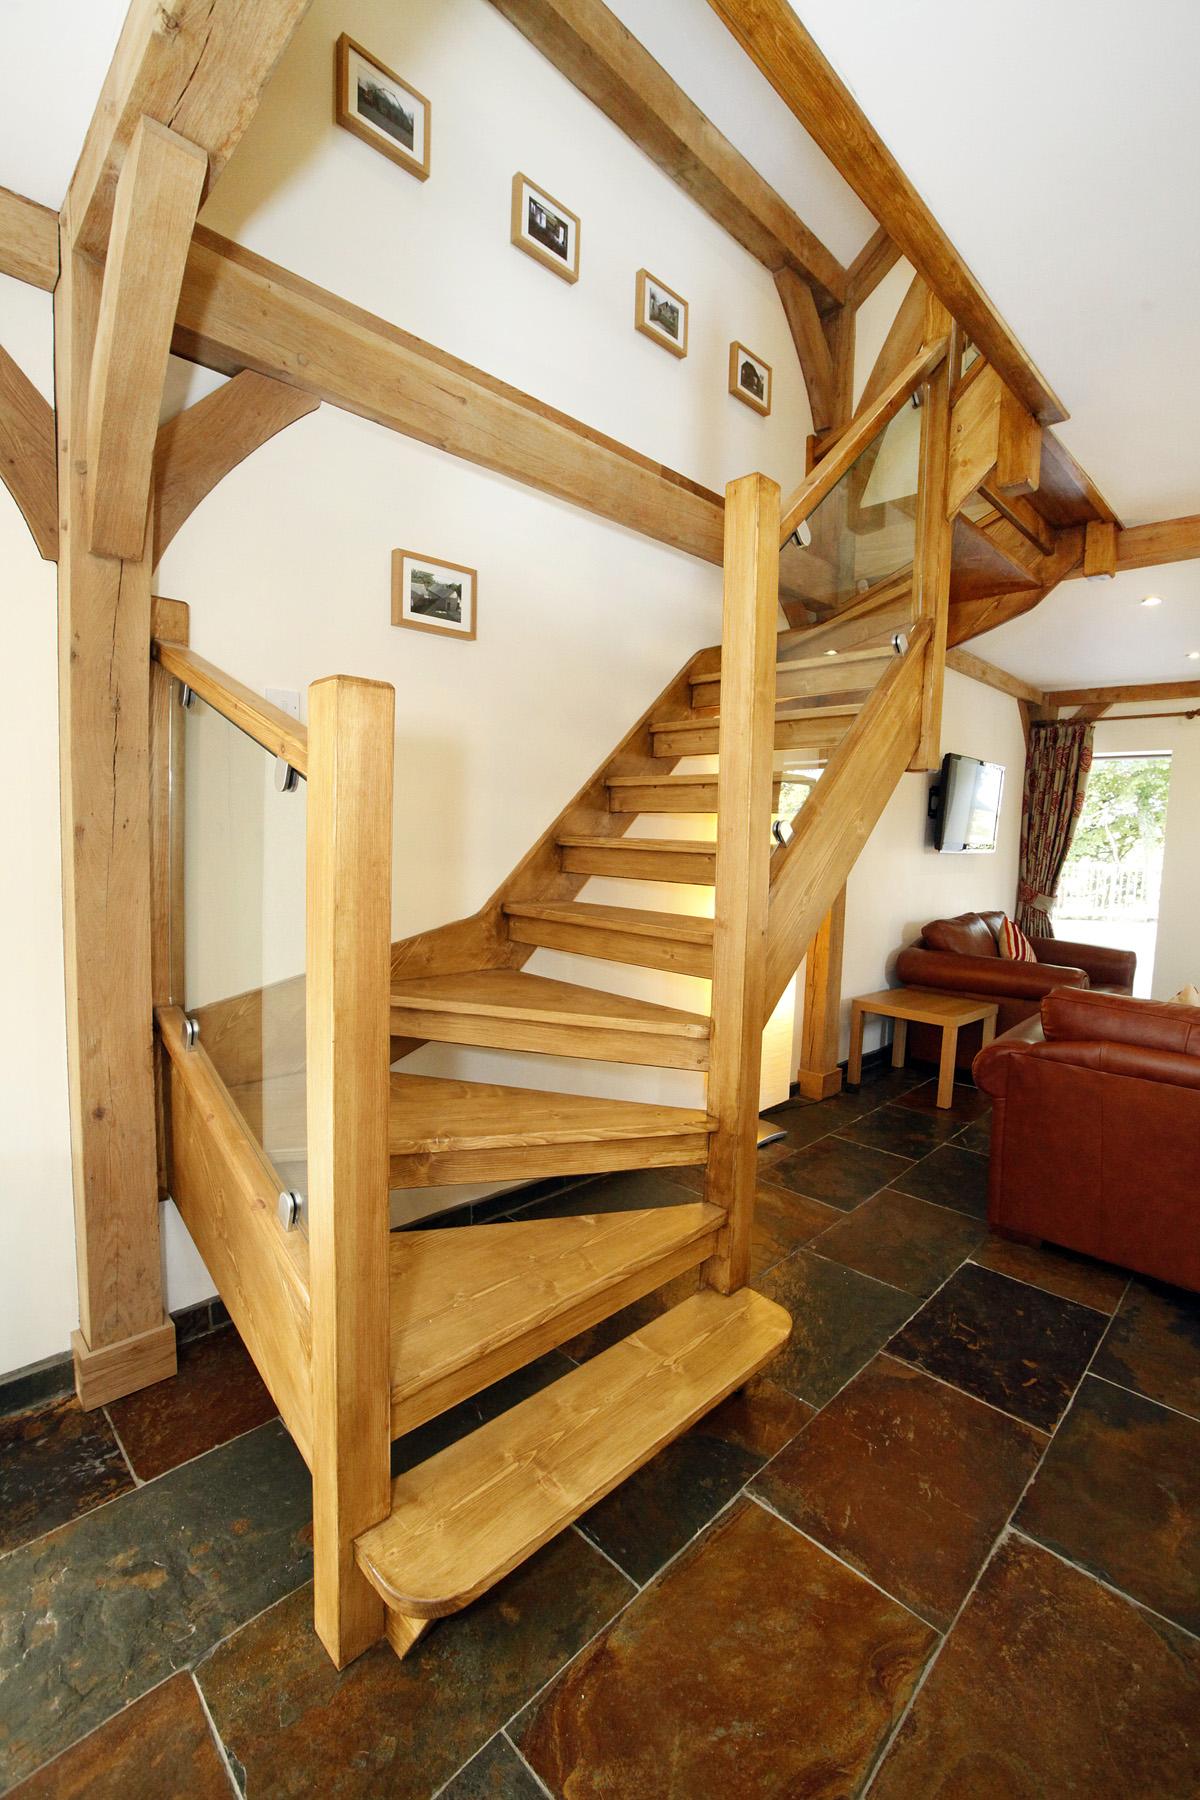 tir-cethin-llaethdy-stairs-1_6058802507_o